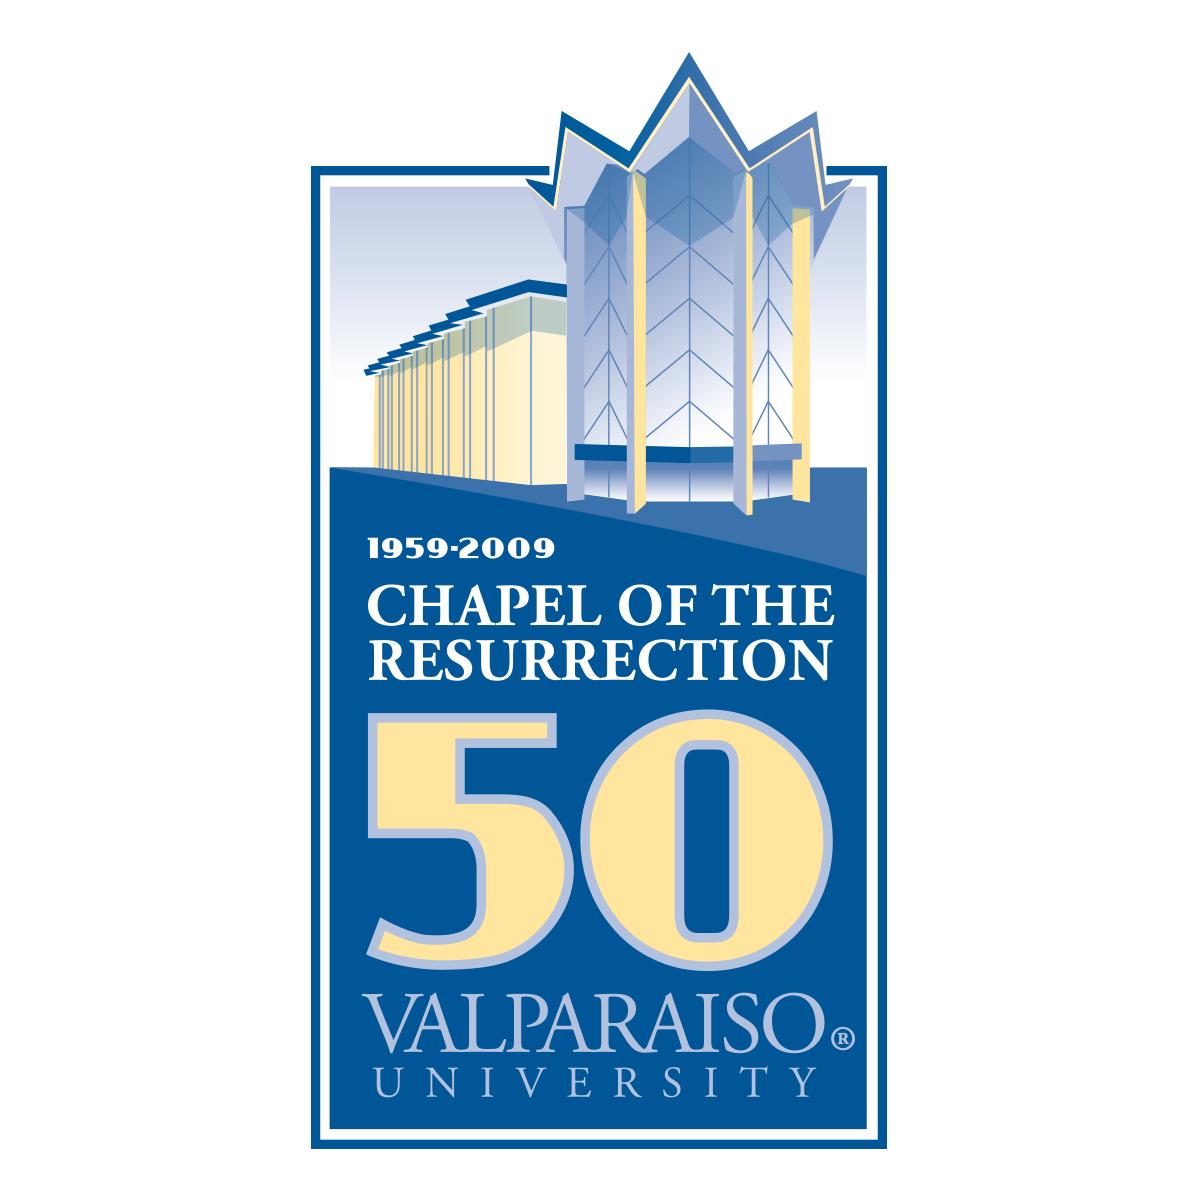 Chapel of the Resurrection, Valparaiso University, 50th Anniversary